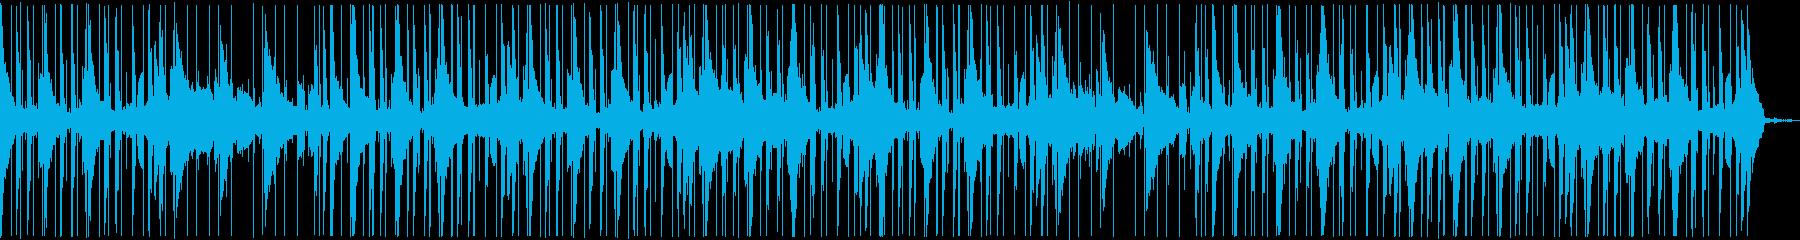 深海にいるような哀愁テクスチャートラックの再生済みの波形